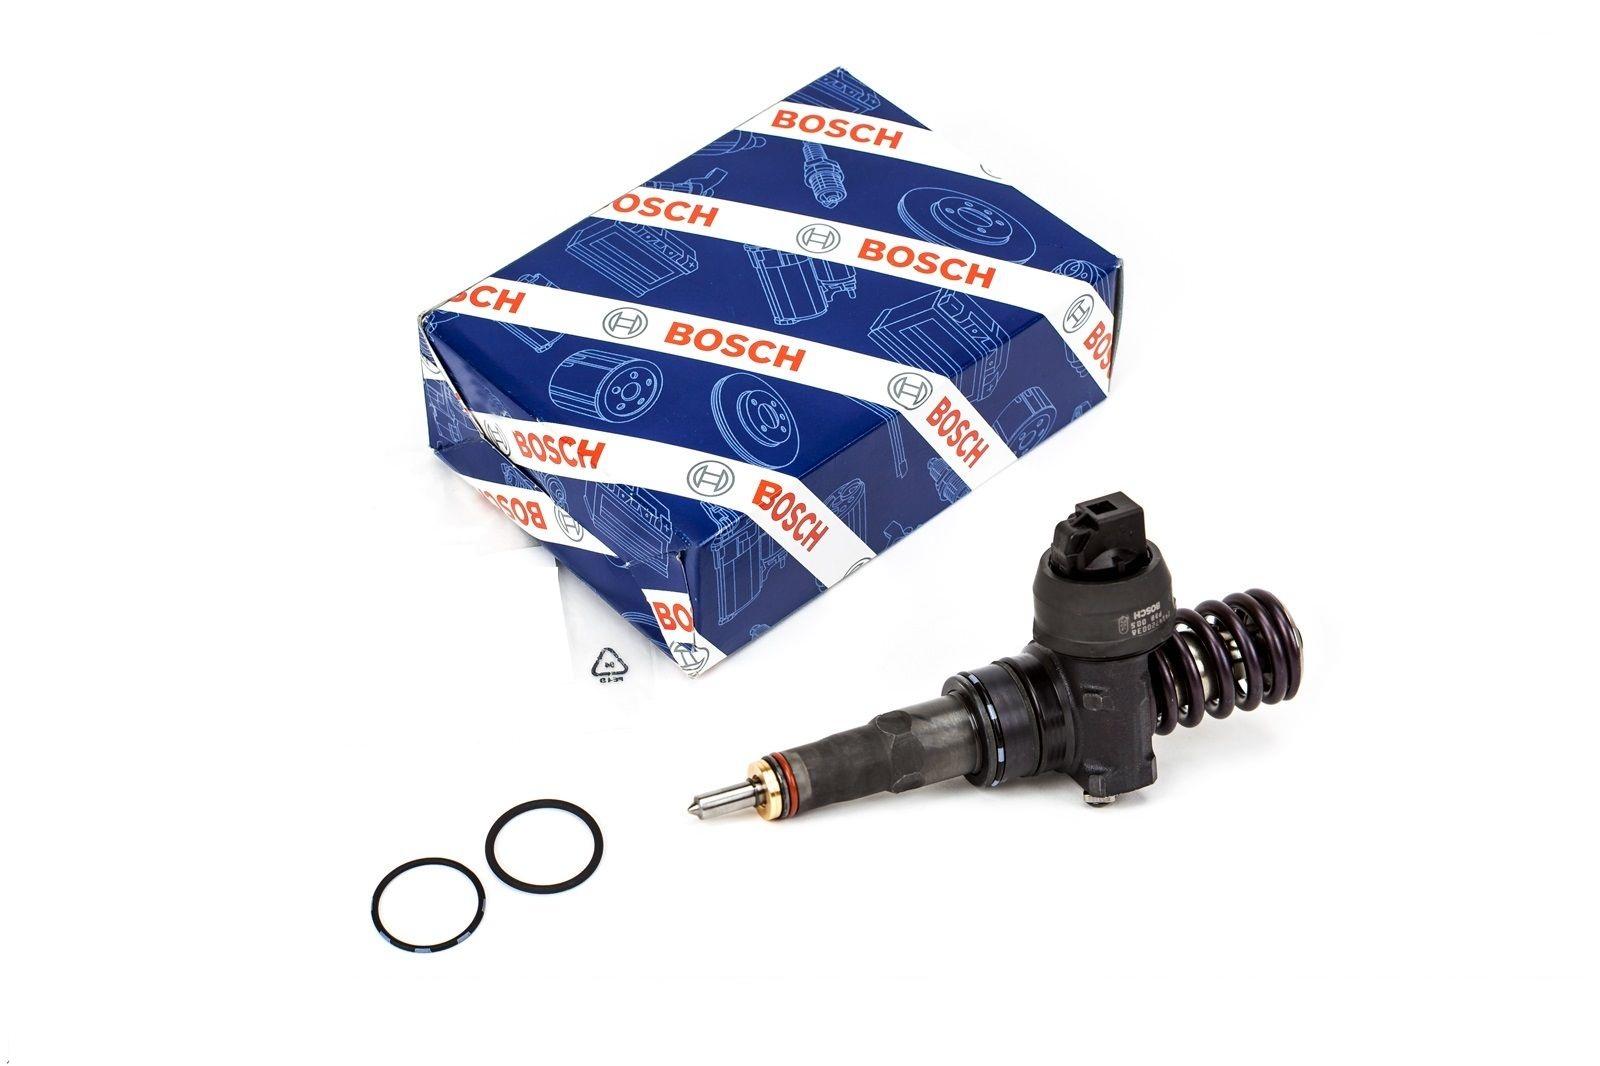 Injectoare Pompa Duza Bosch Audi 1.9 TDI